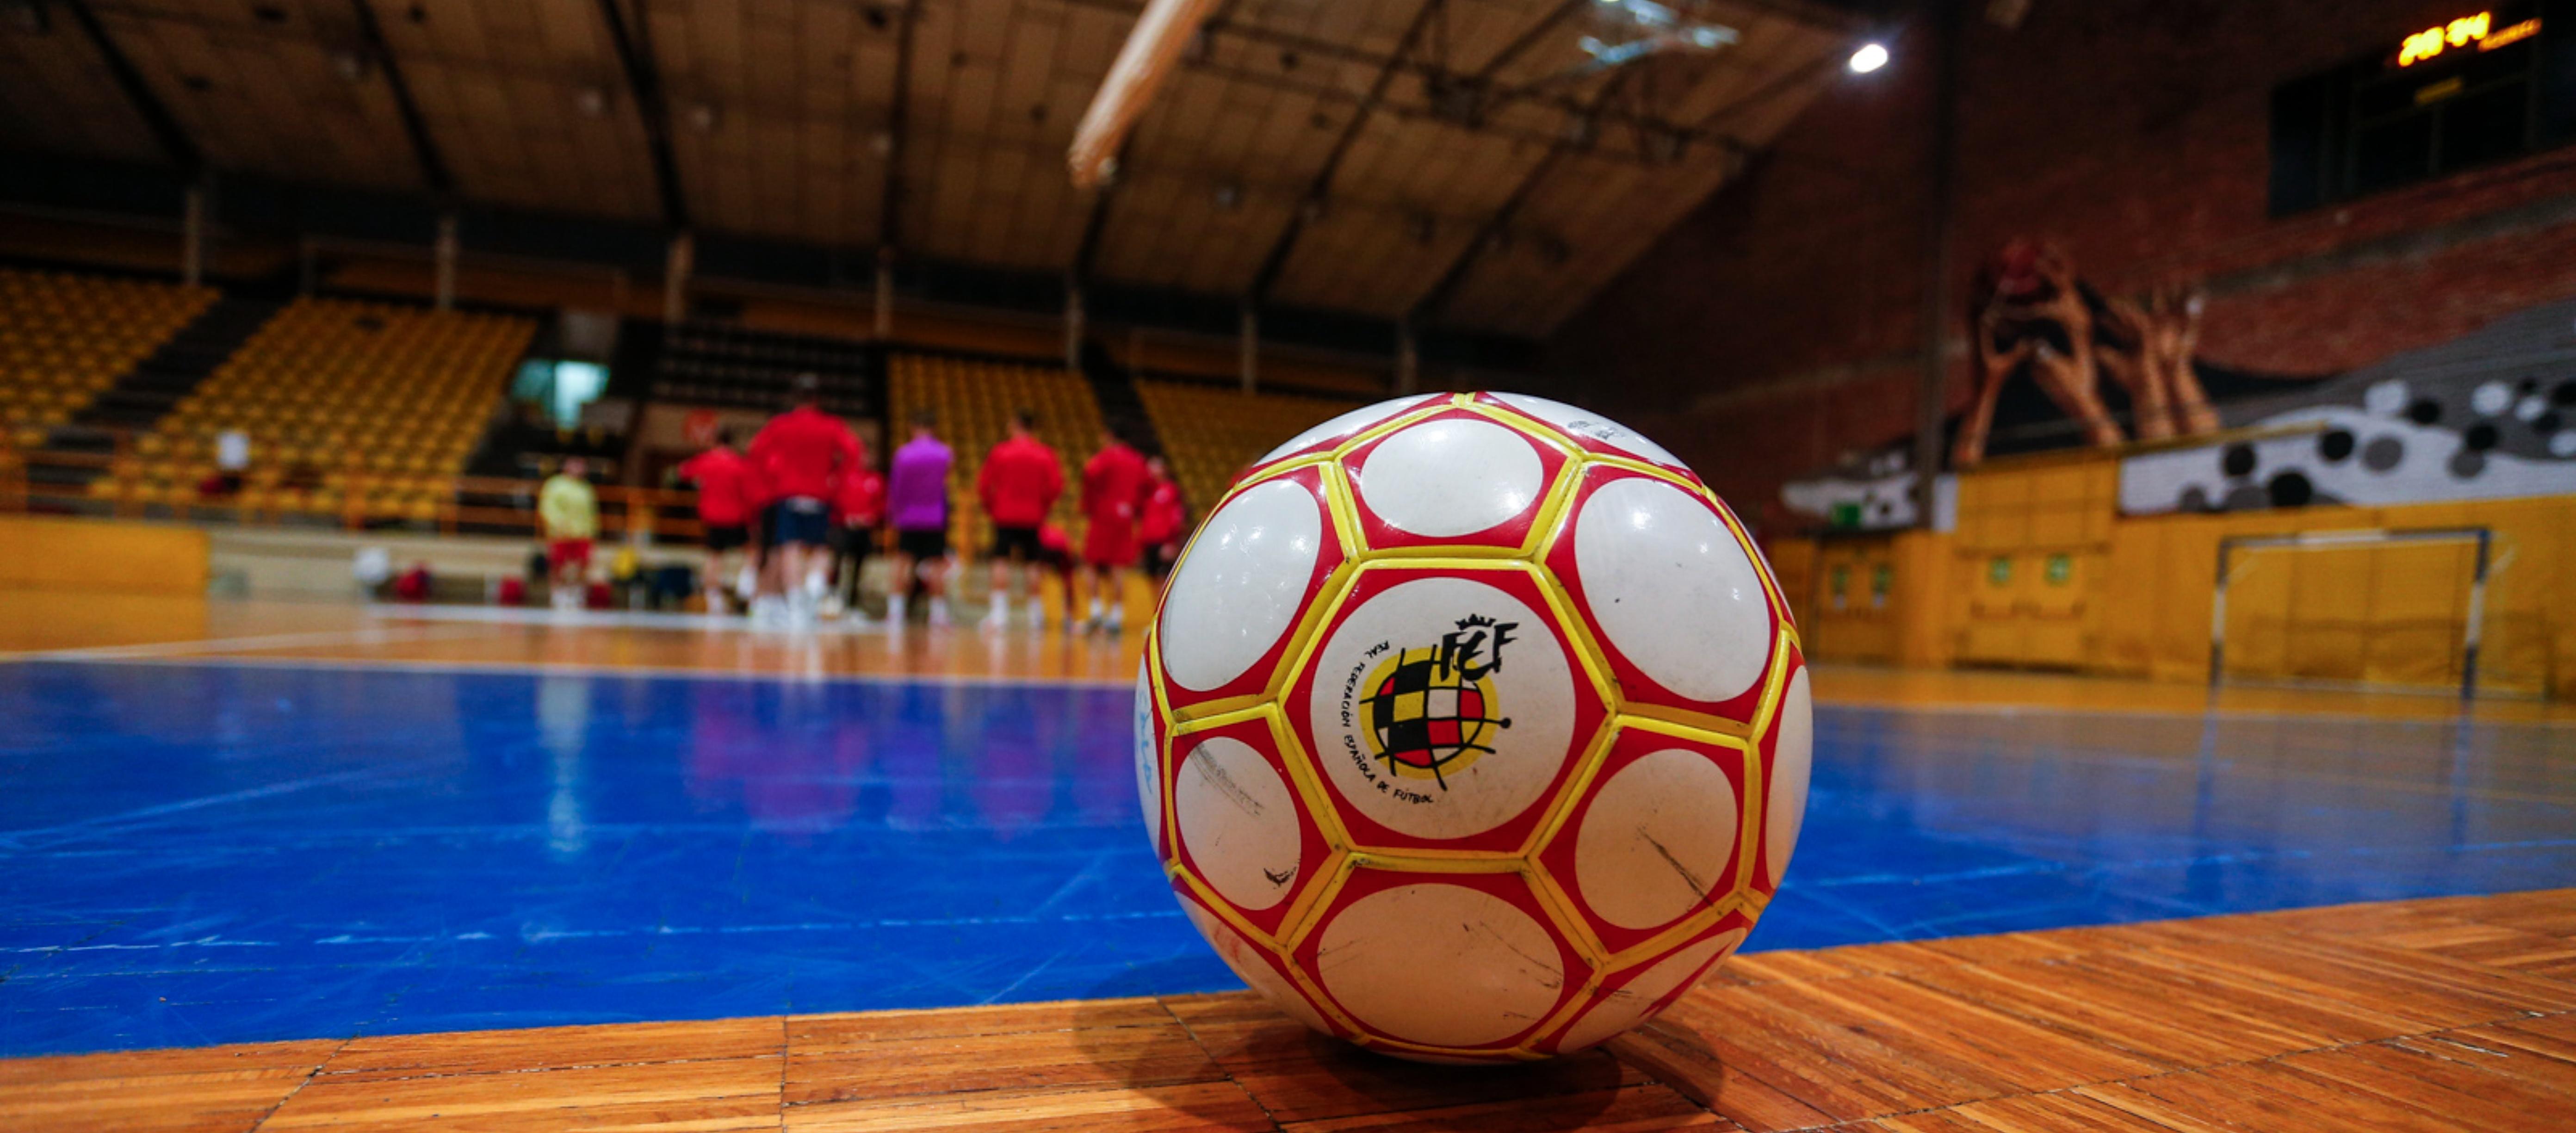 Es posa en marxa la Primera RFEF Futsal femenina, la 2a Divisió B nacional i la Divisió d'Honor Juvenil nacional de futbol sala